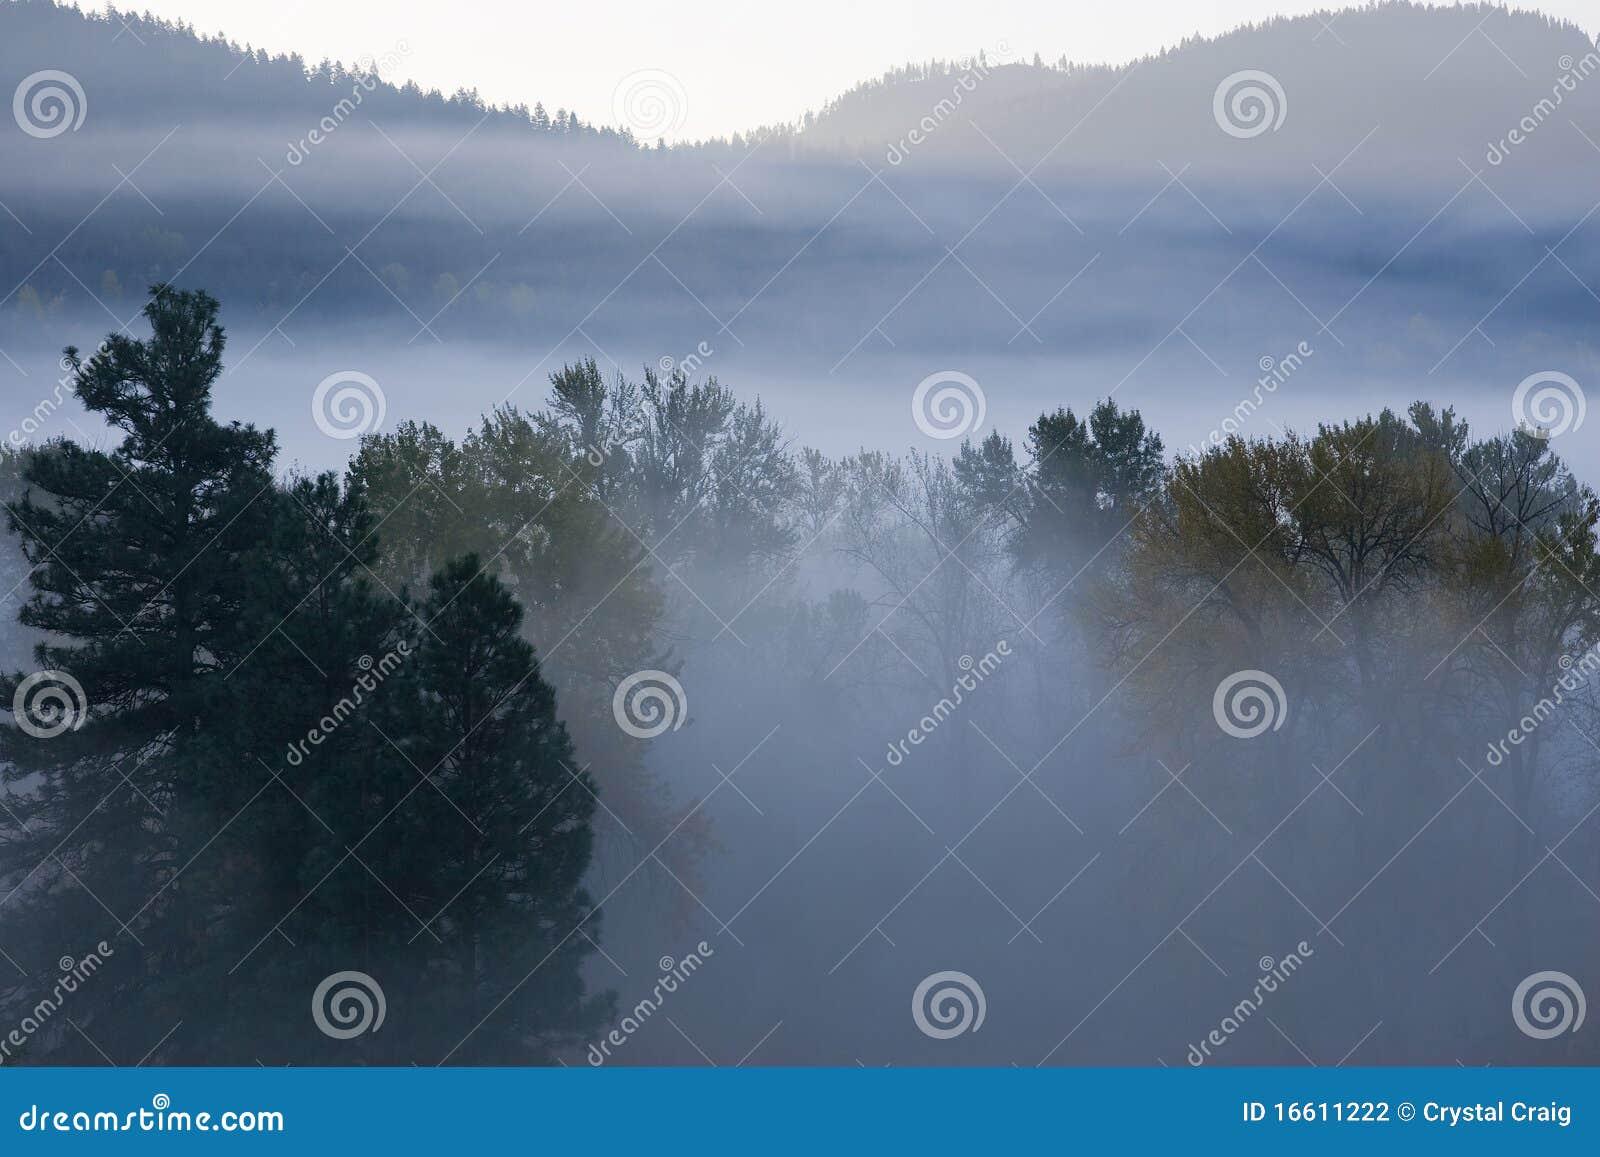 Misty Mountain Morning Stock Photo Image Of Morning 16611222